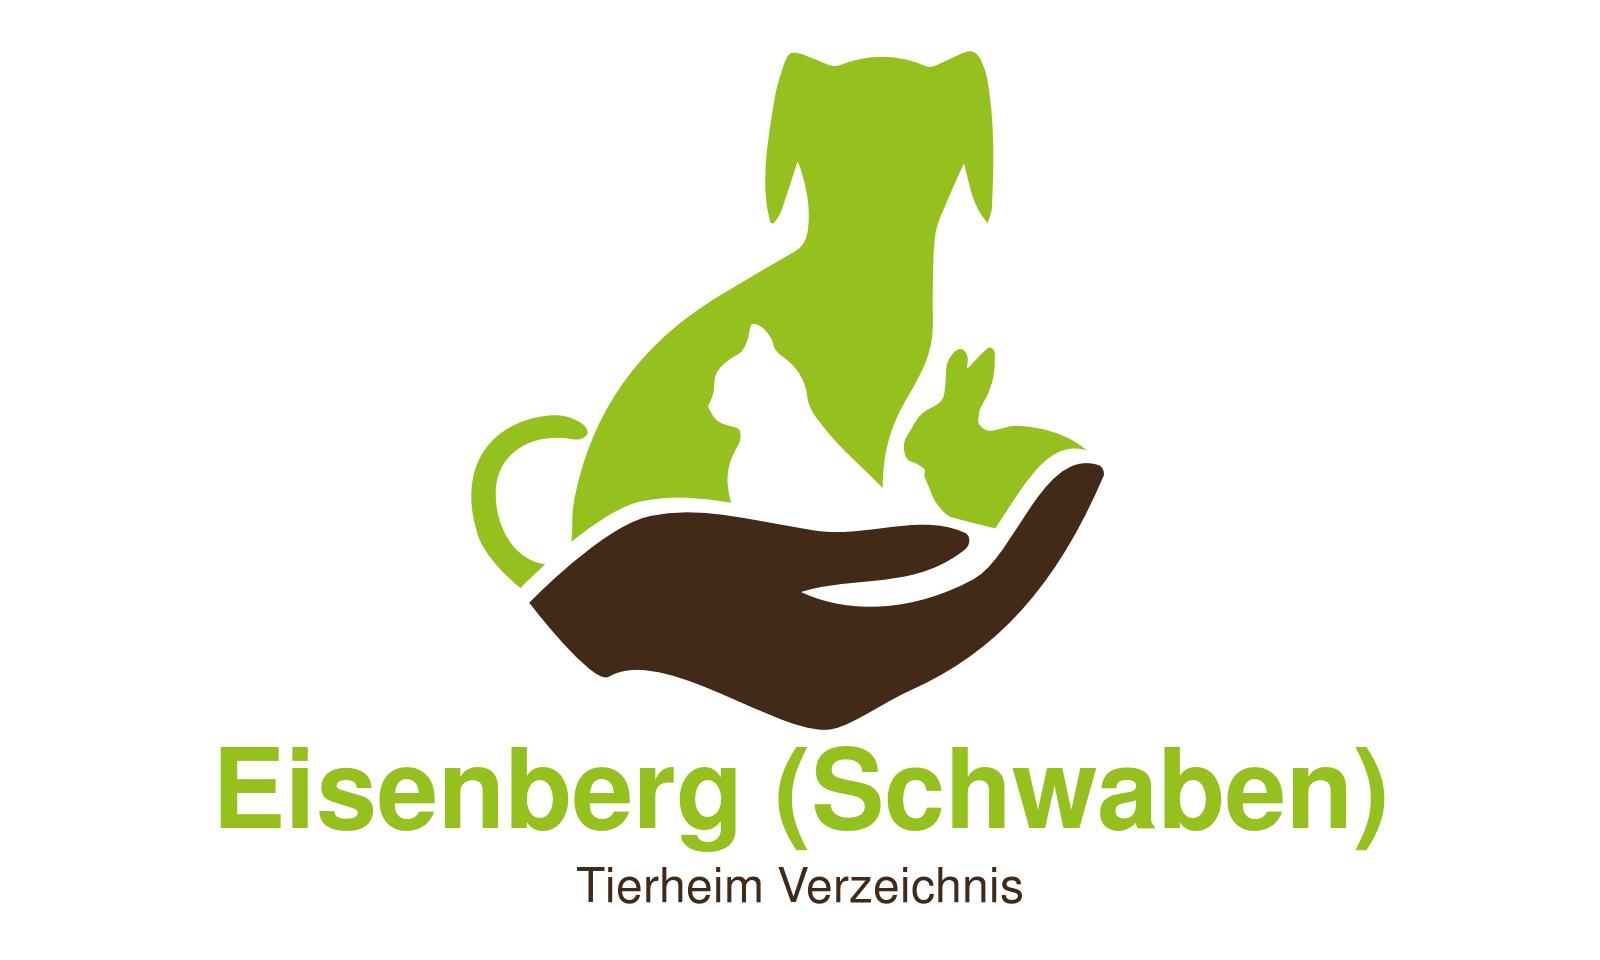 Tierheim Eisenberg (Schwaben)